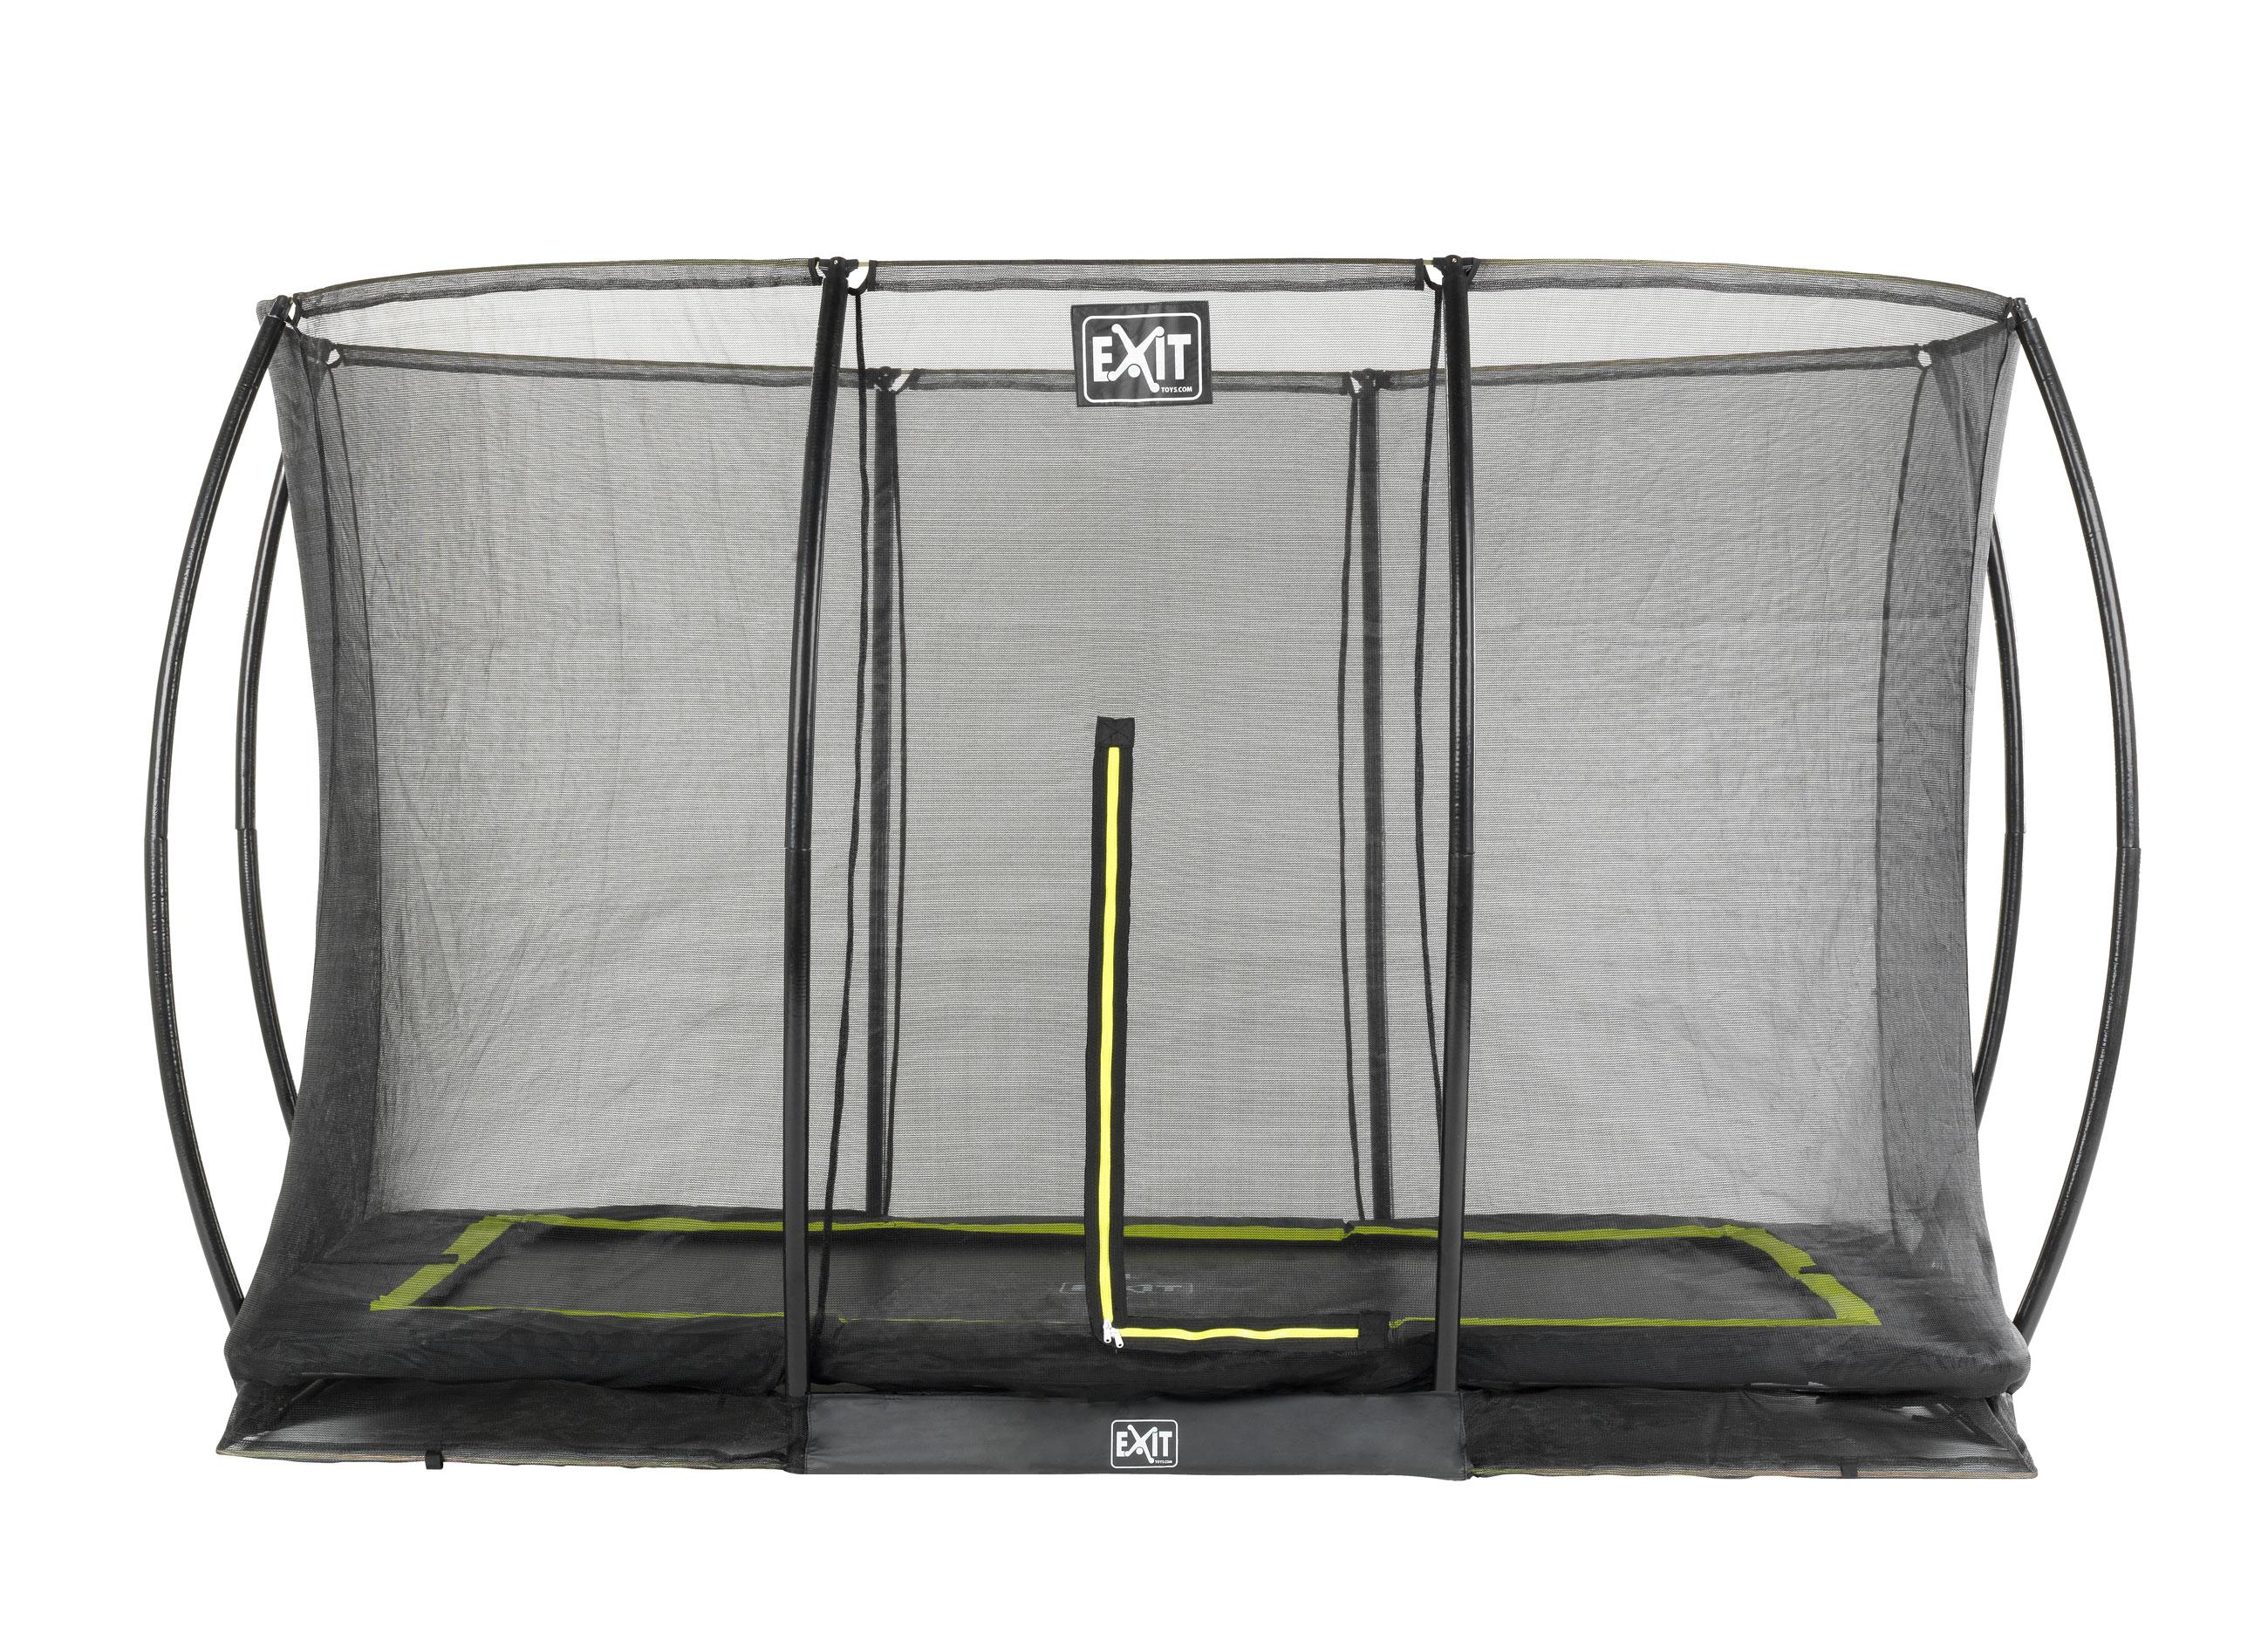 Trampolin EXIT Silhouette Ground mit Sicherheitsnetz 214x305cm schwarz Bild 1